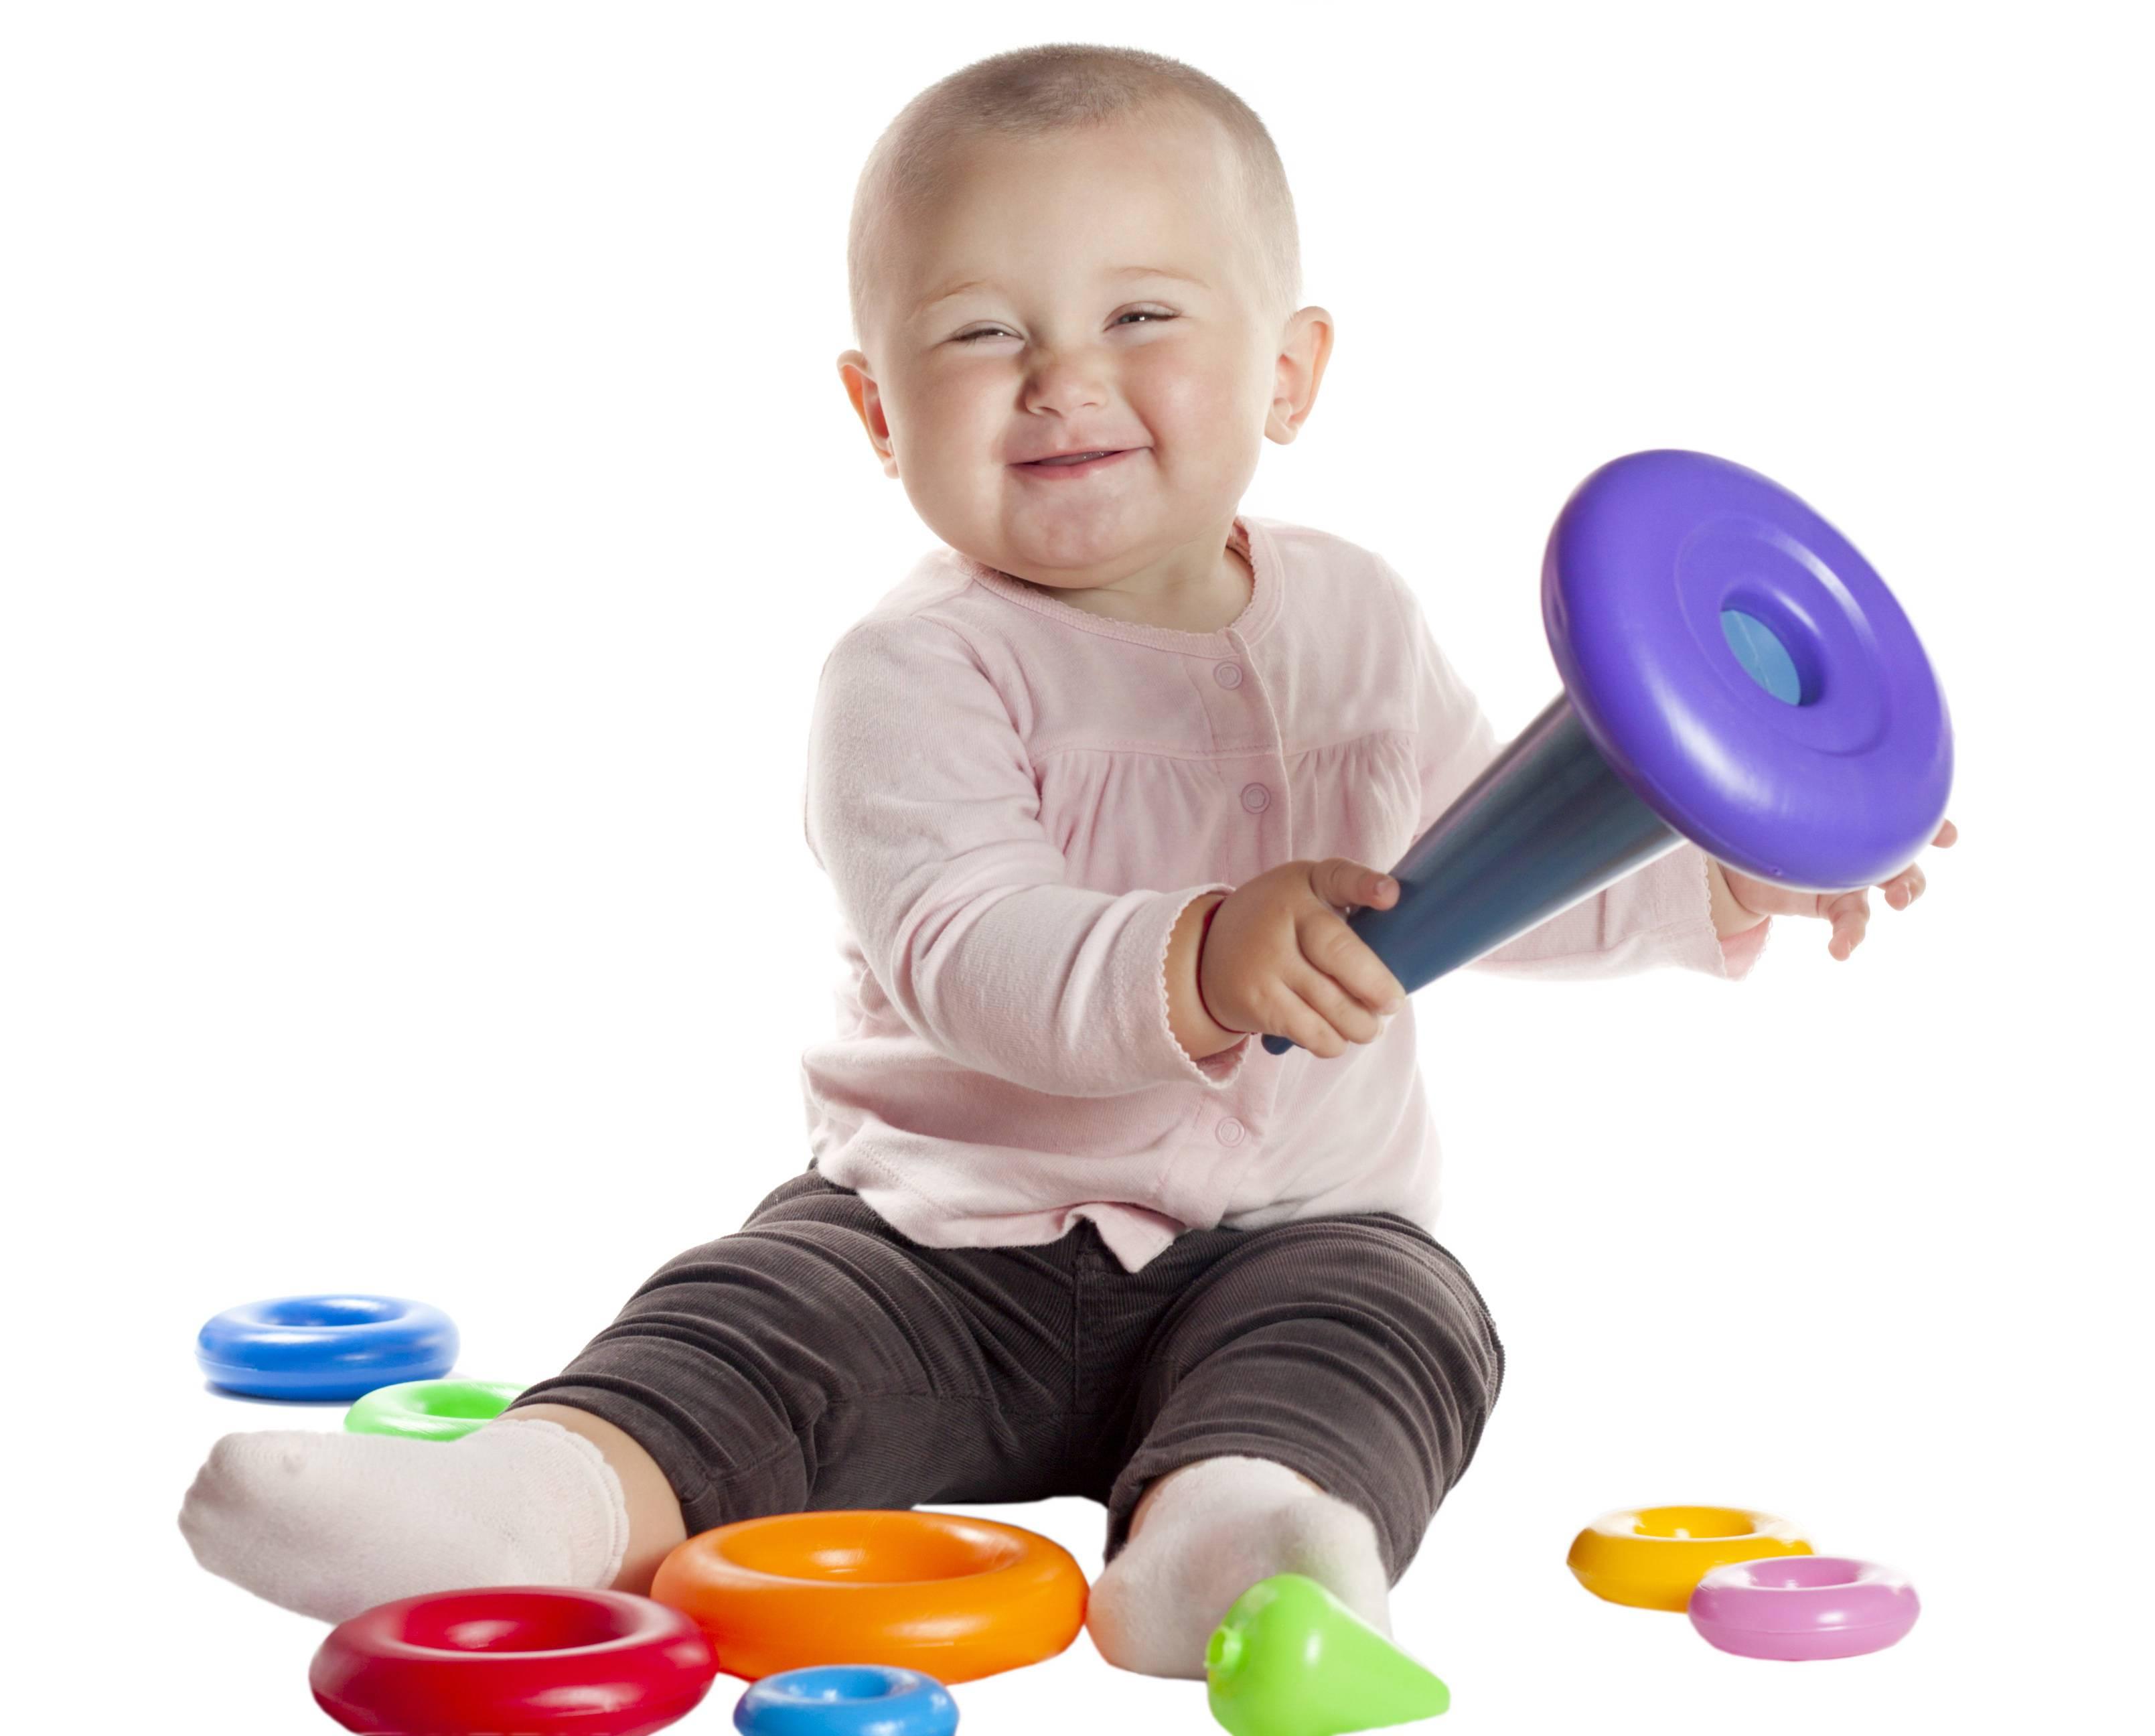 Bambina sorride con giocattoli educativi